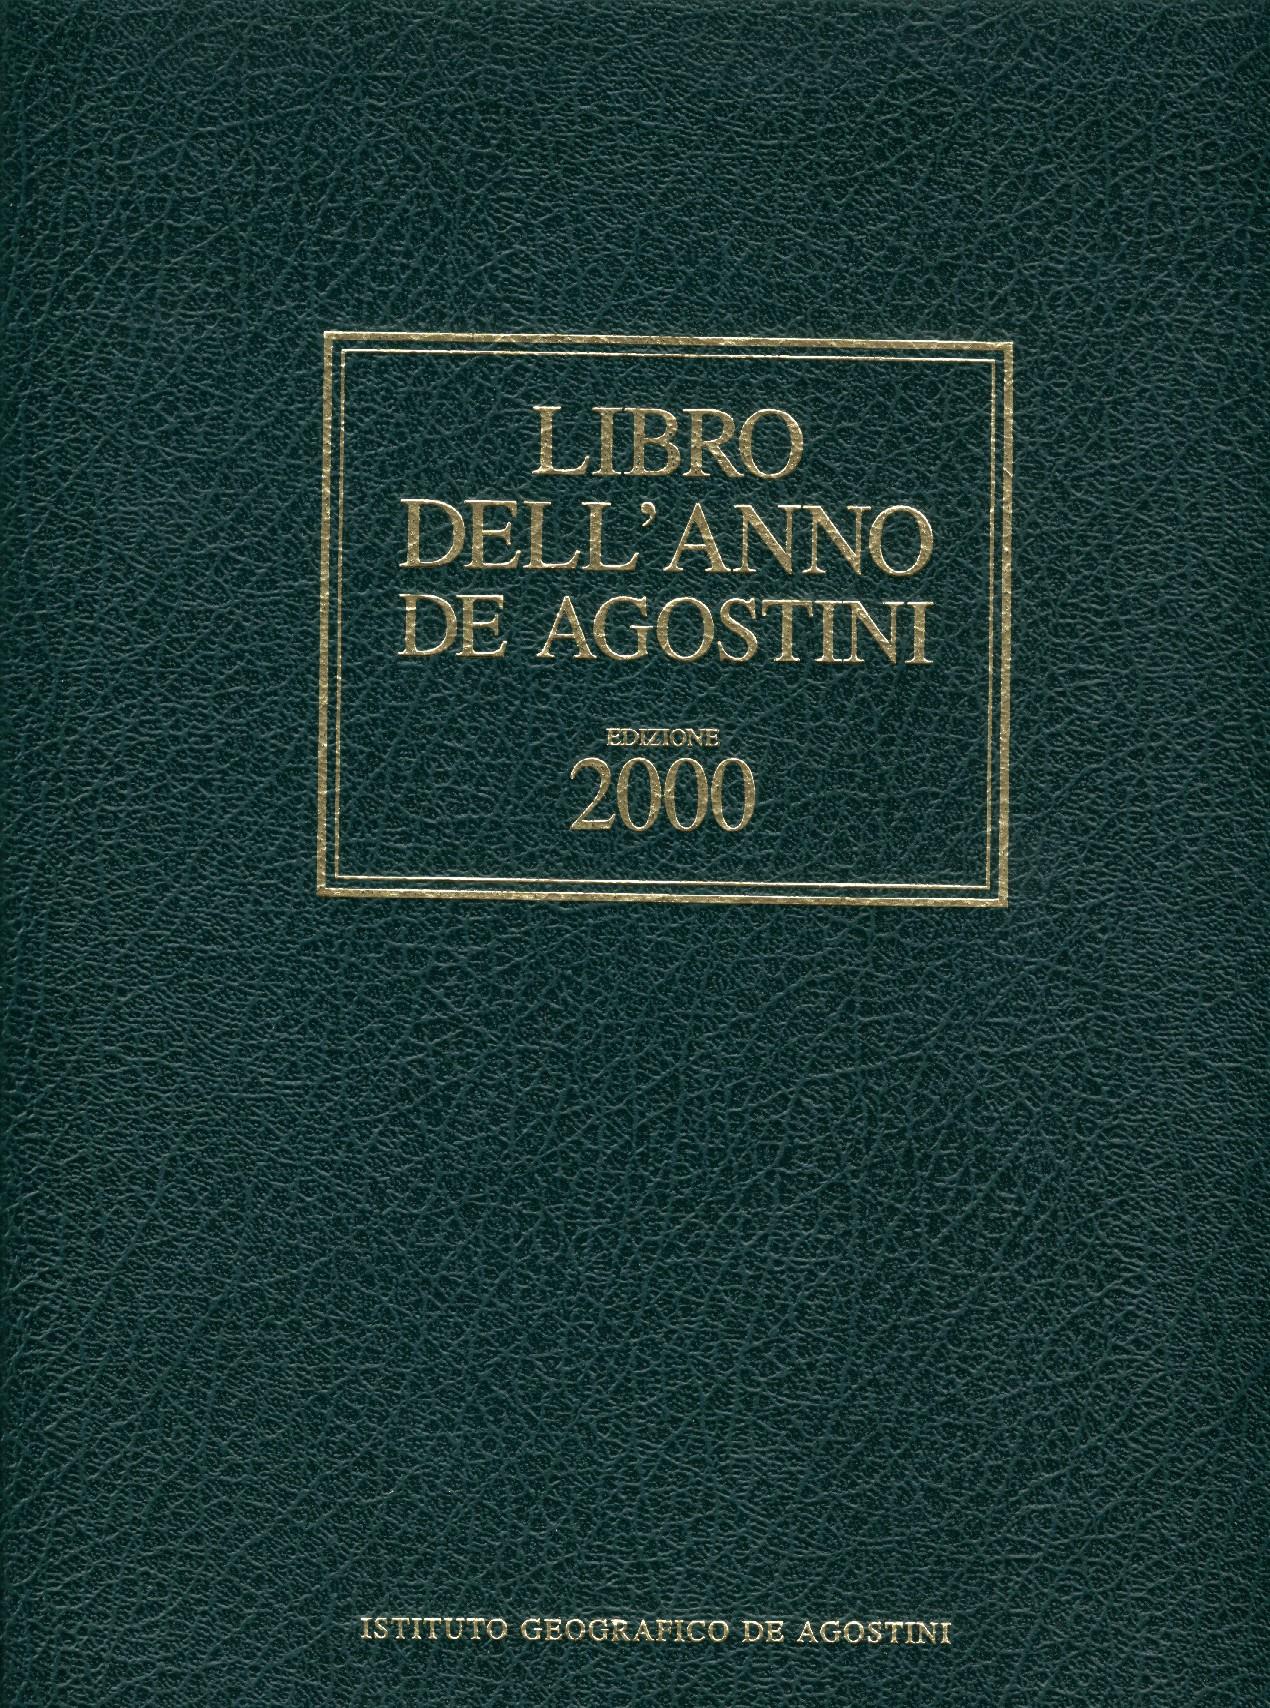 Libro dell'anno De Agostini Edizione 2000